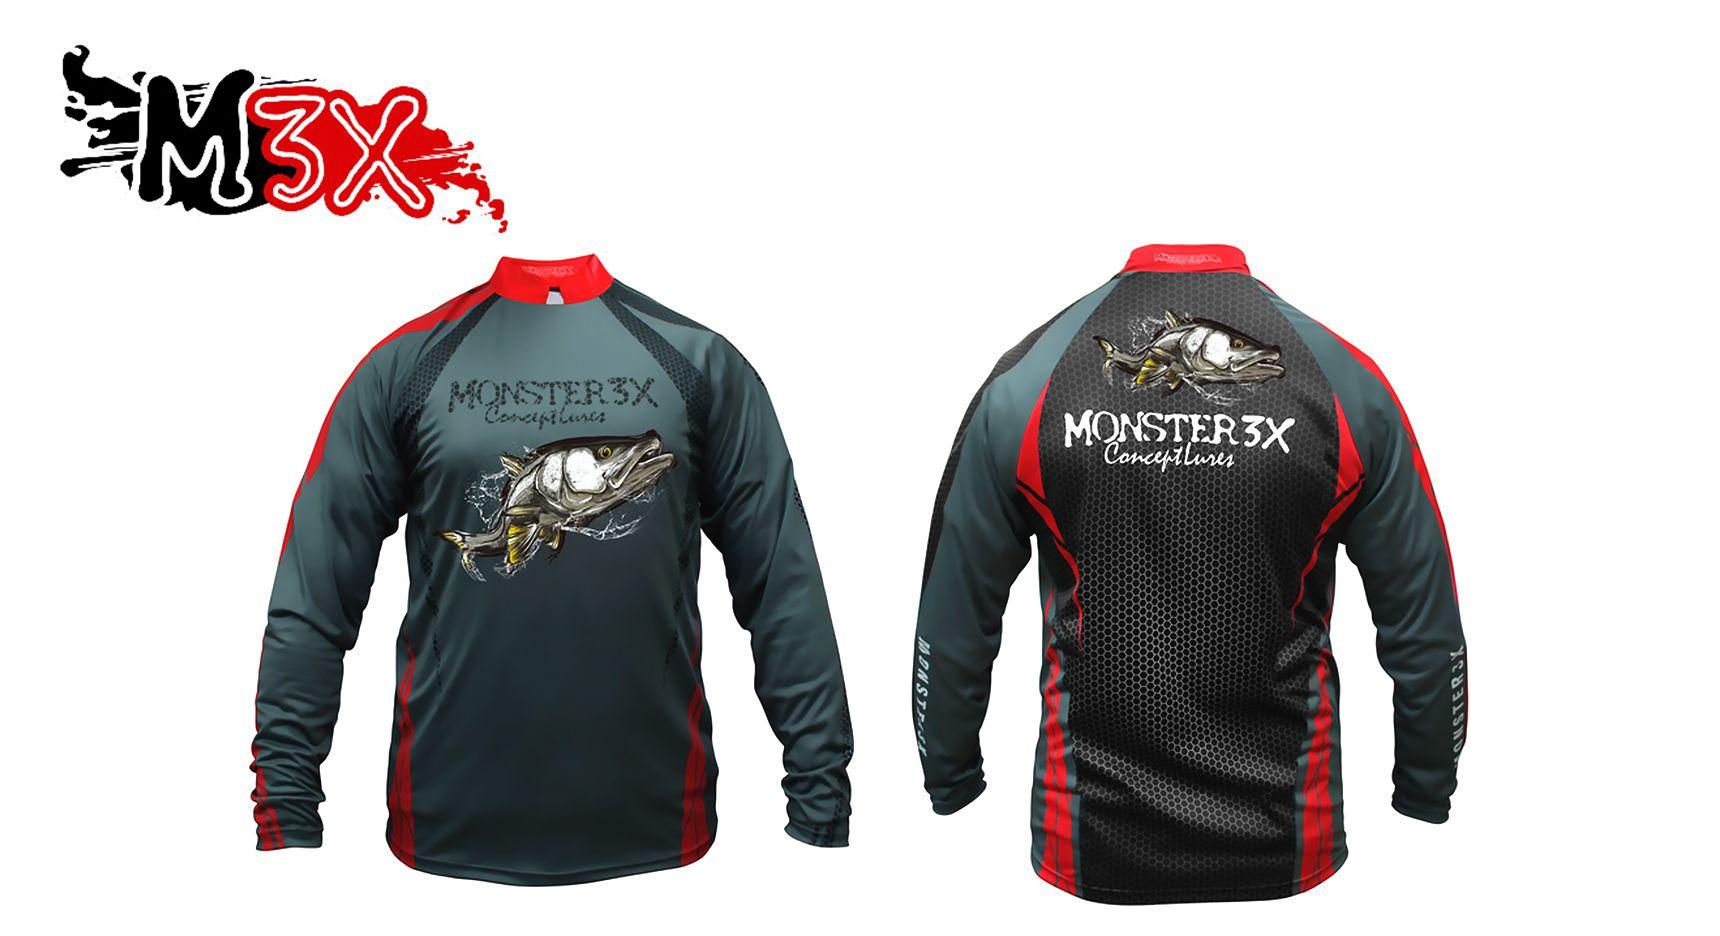 Camiseta de Pesca Proteção Solar New Fish 04 - Monster 3X  - Life Pesca - Sua loja de Pesca, Camping e Lazer